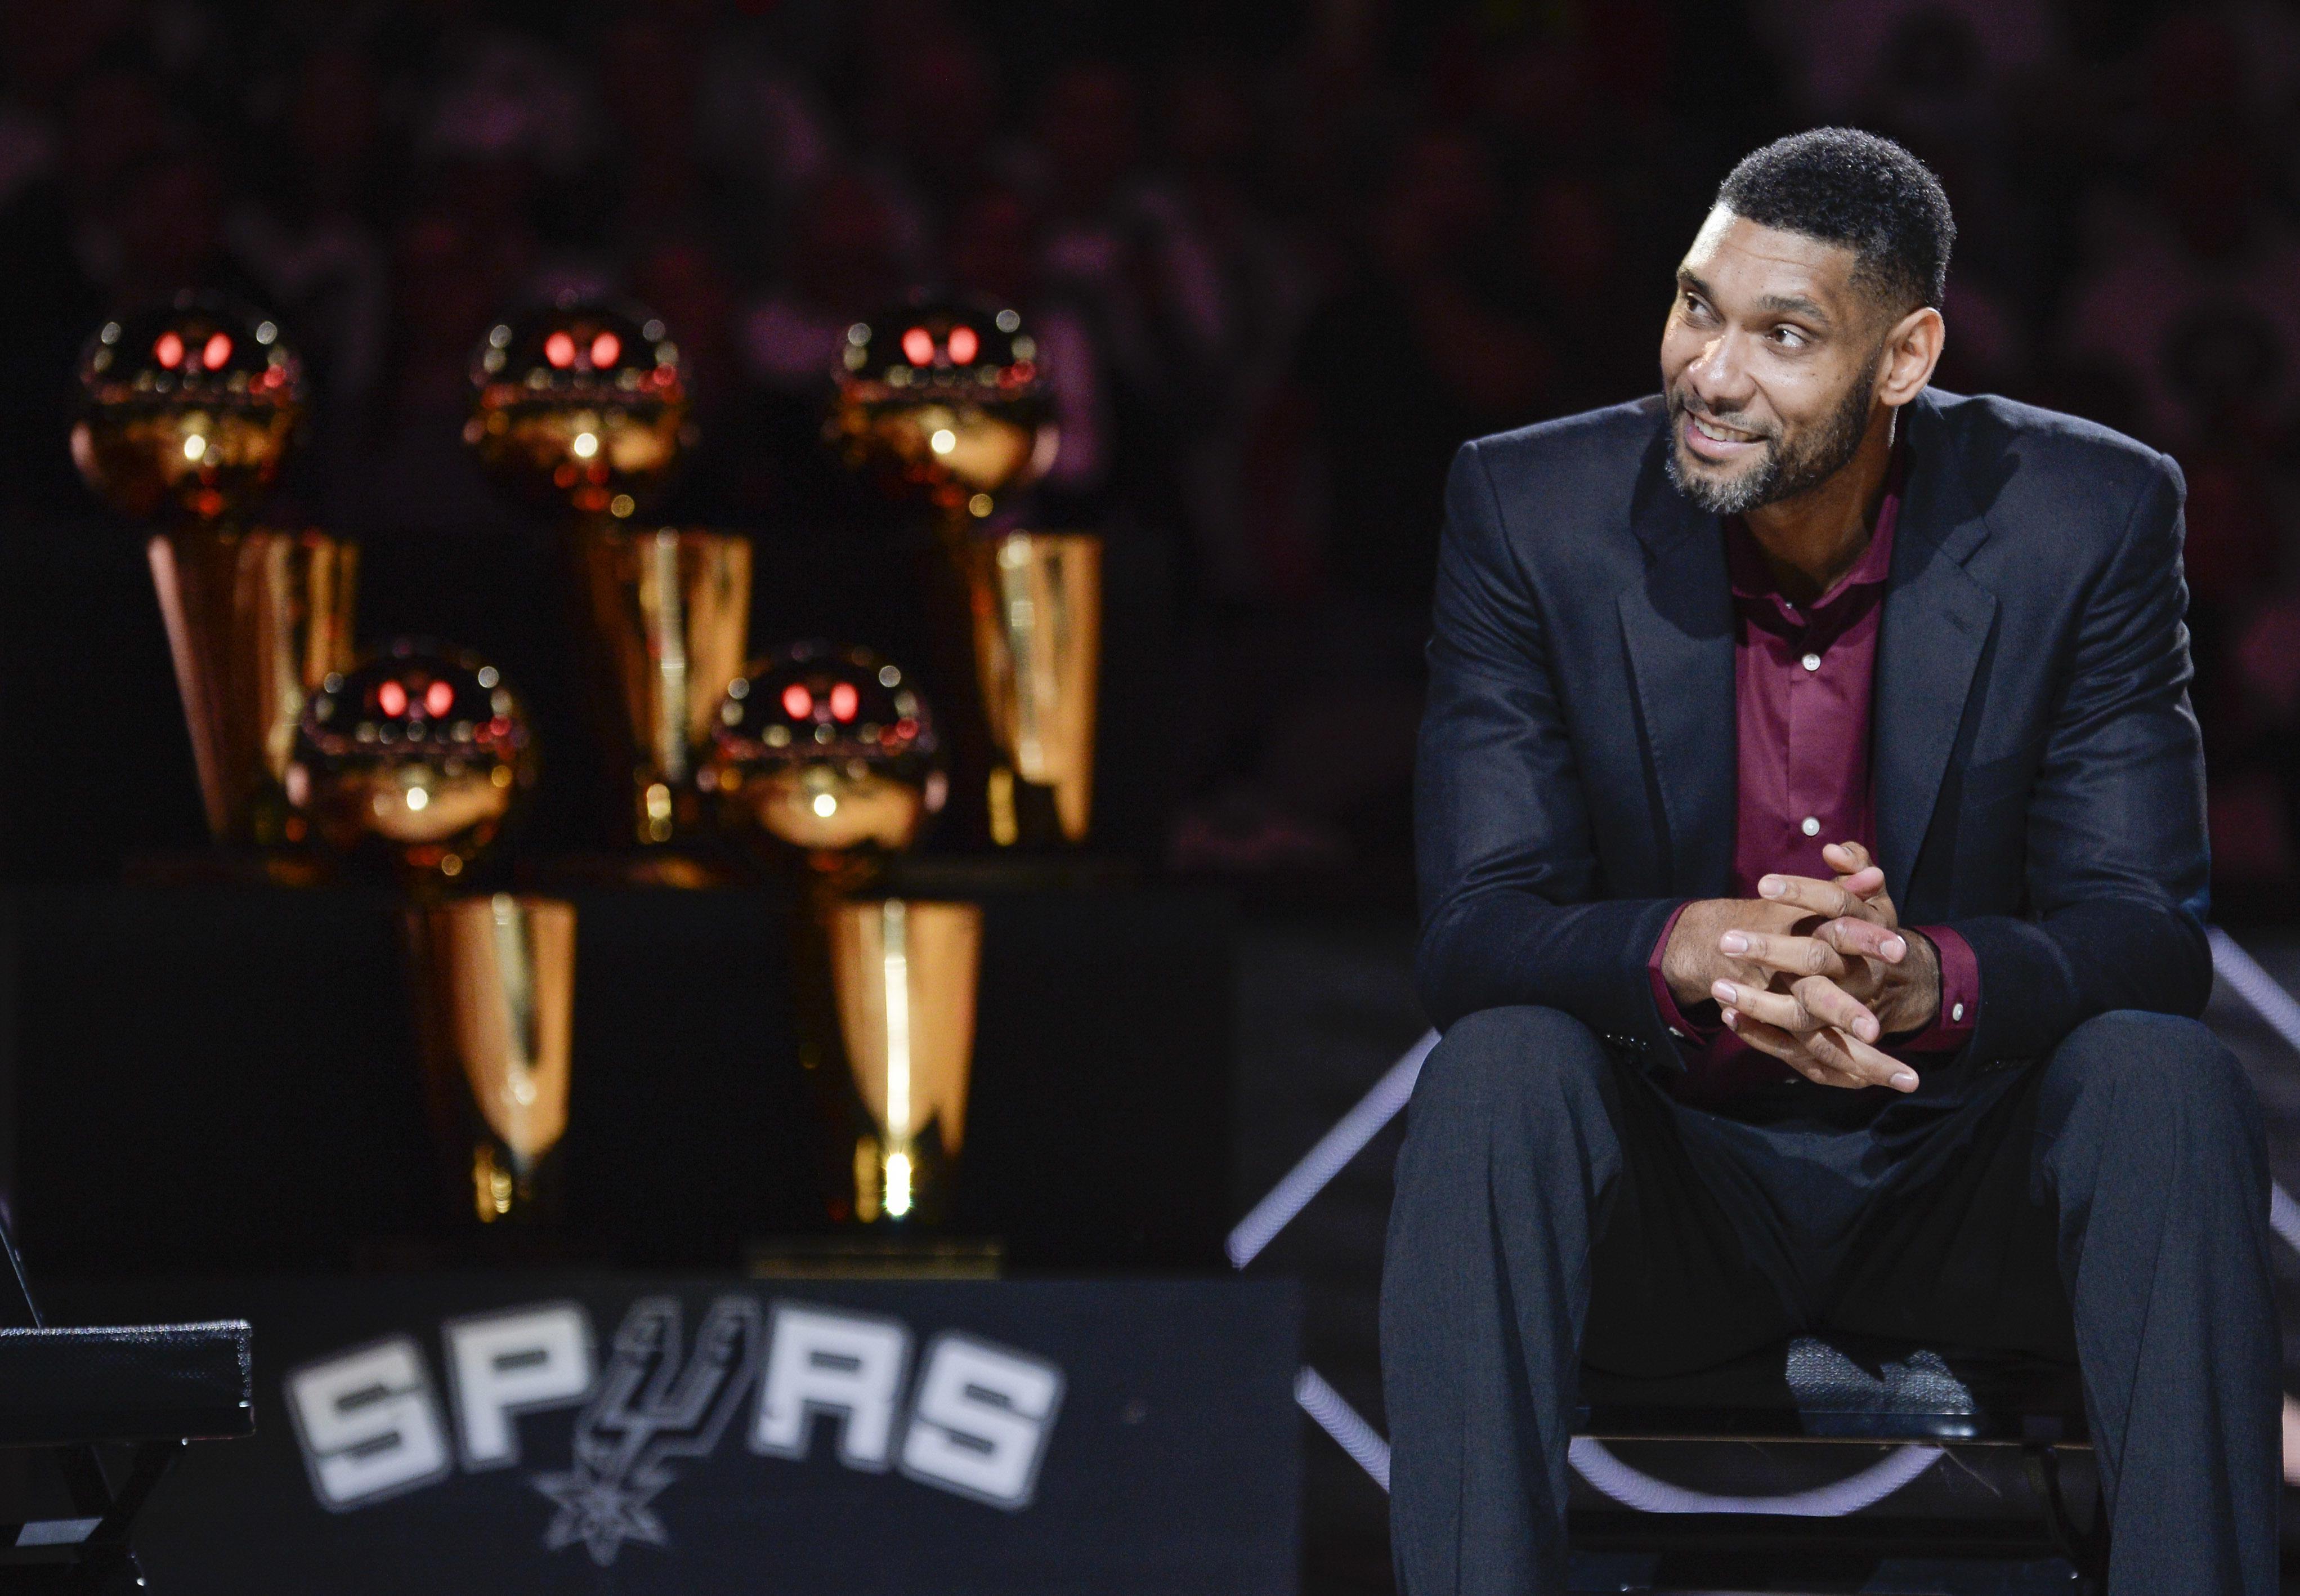 Spurs_duncan_basketball_36773